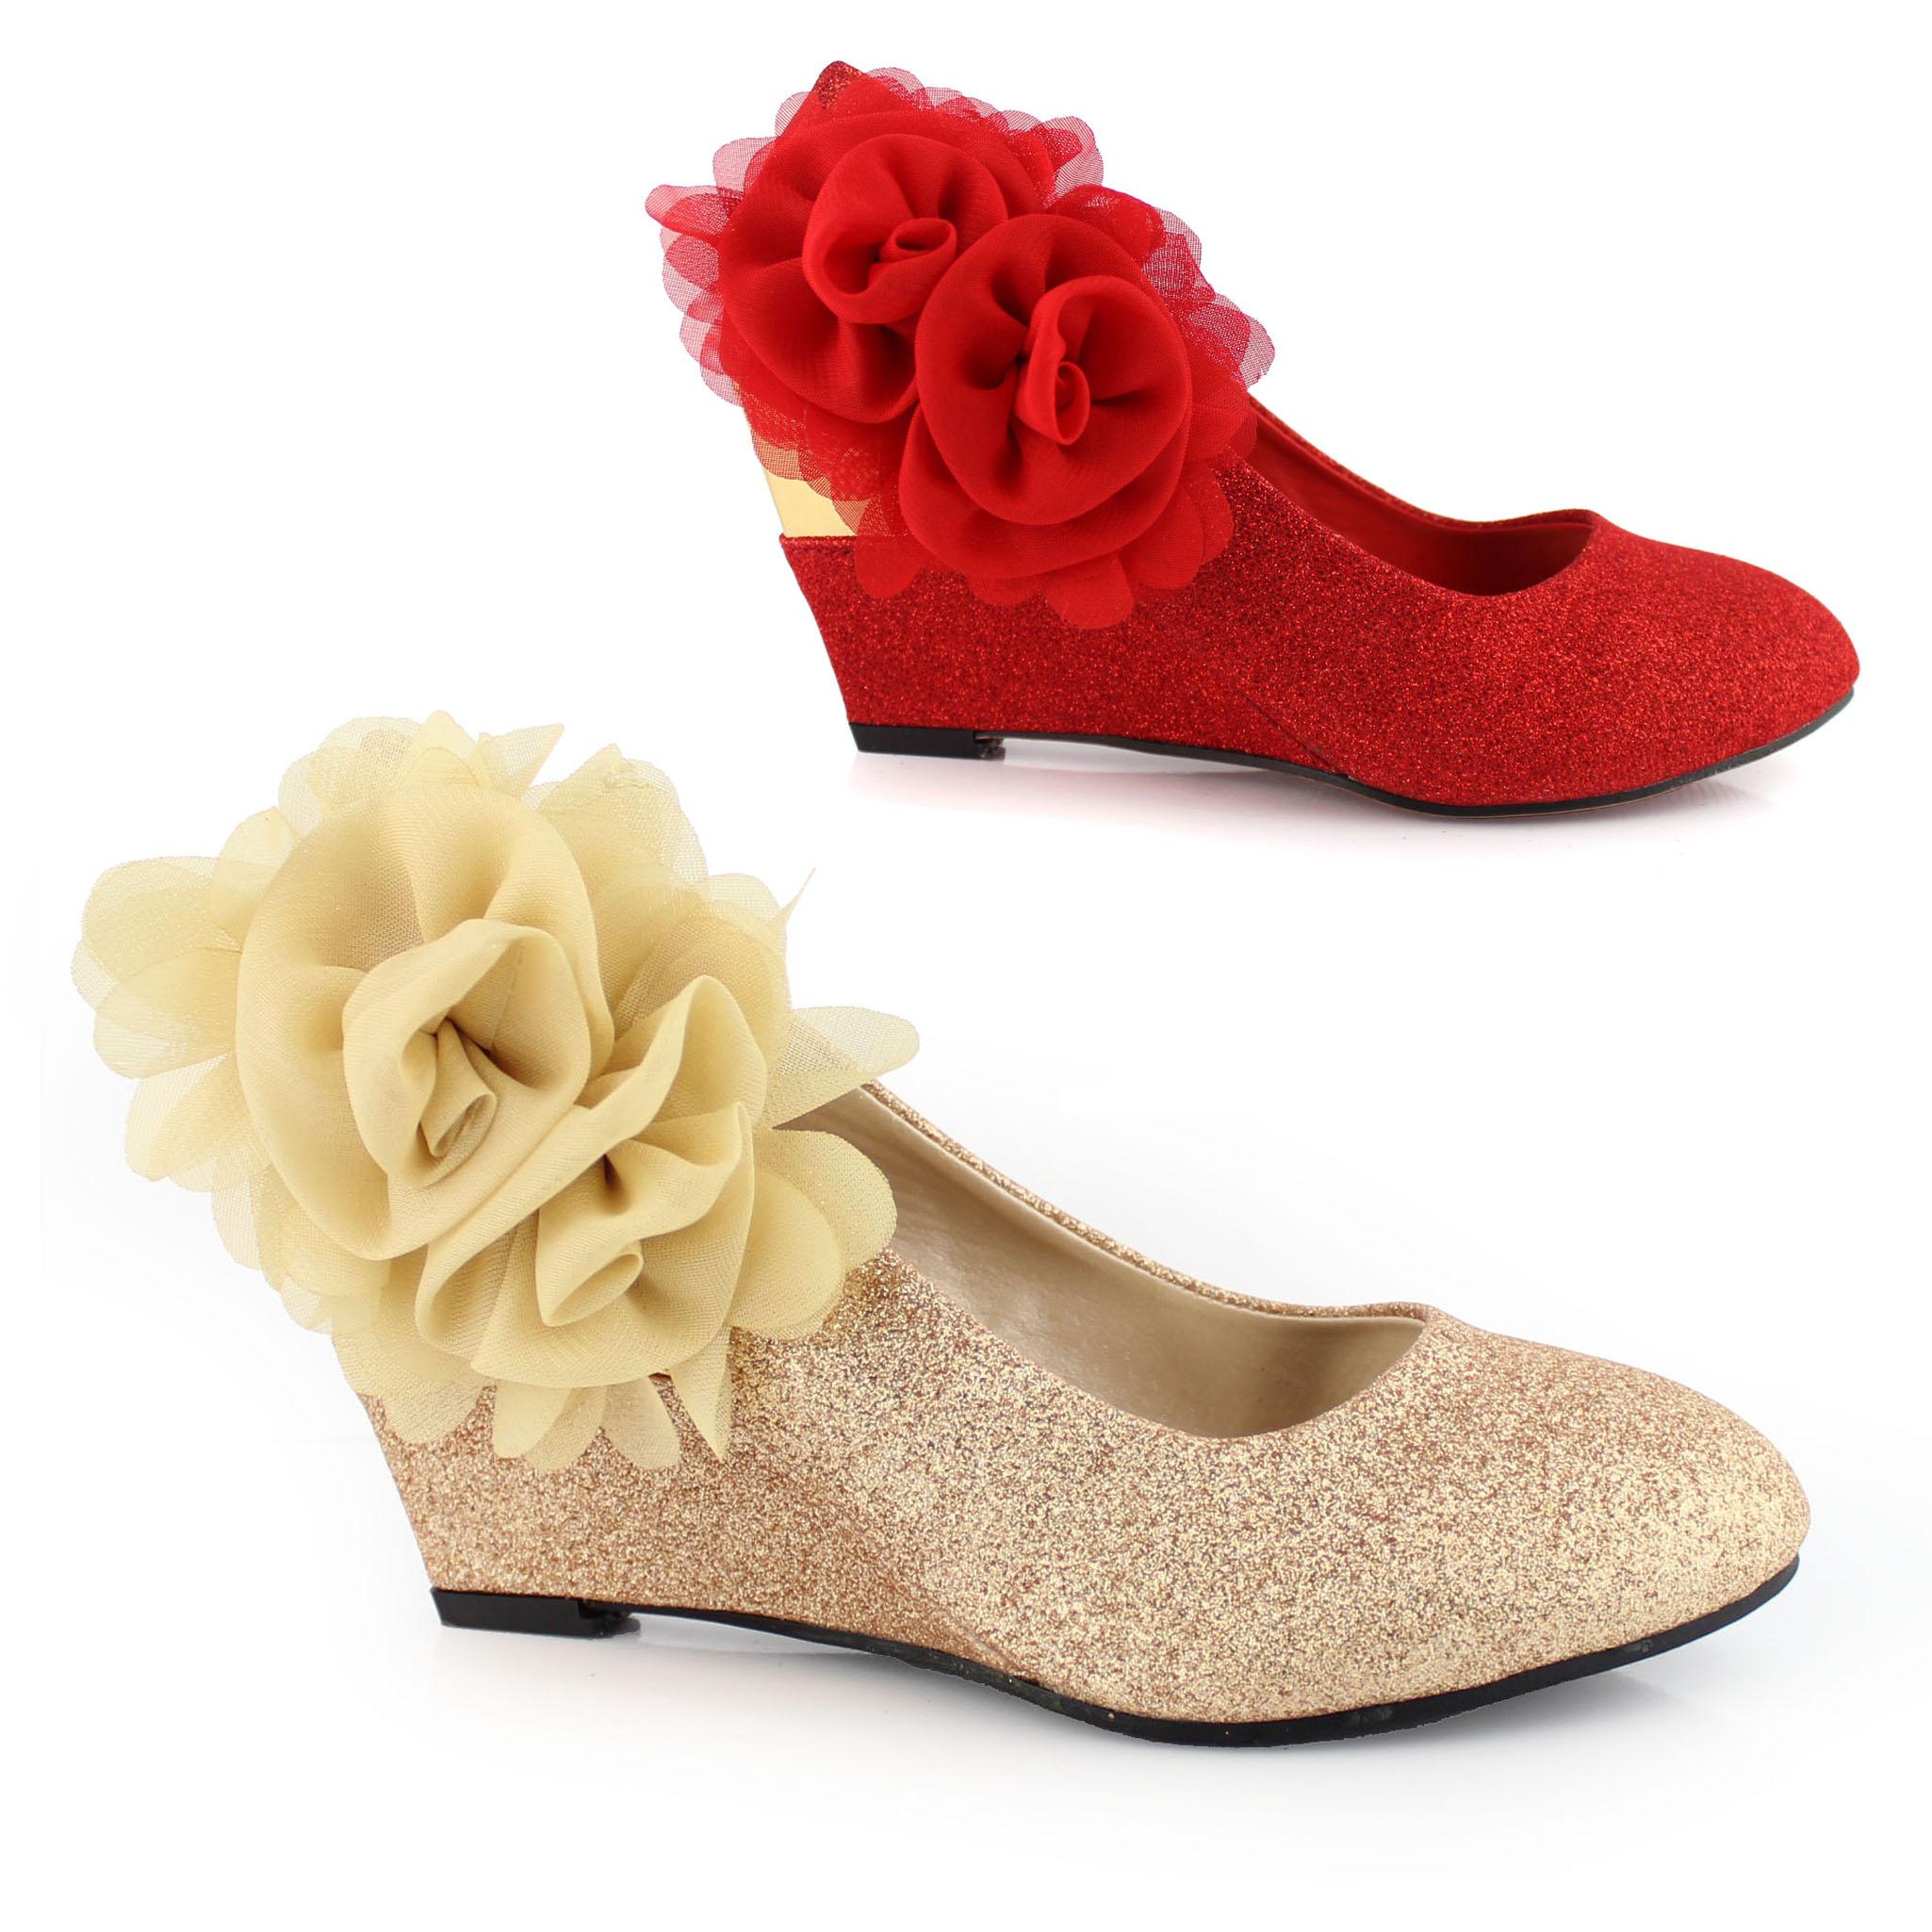 包邮 红色坡跟婚鞋 新娘伴娘鞋子 金色两朵花婚纱演出舞台旗袍鞋